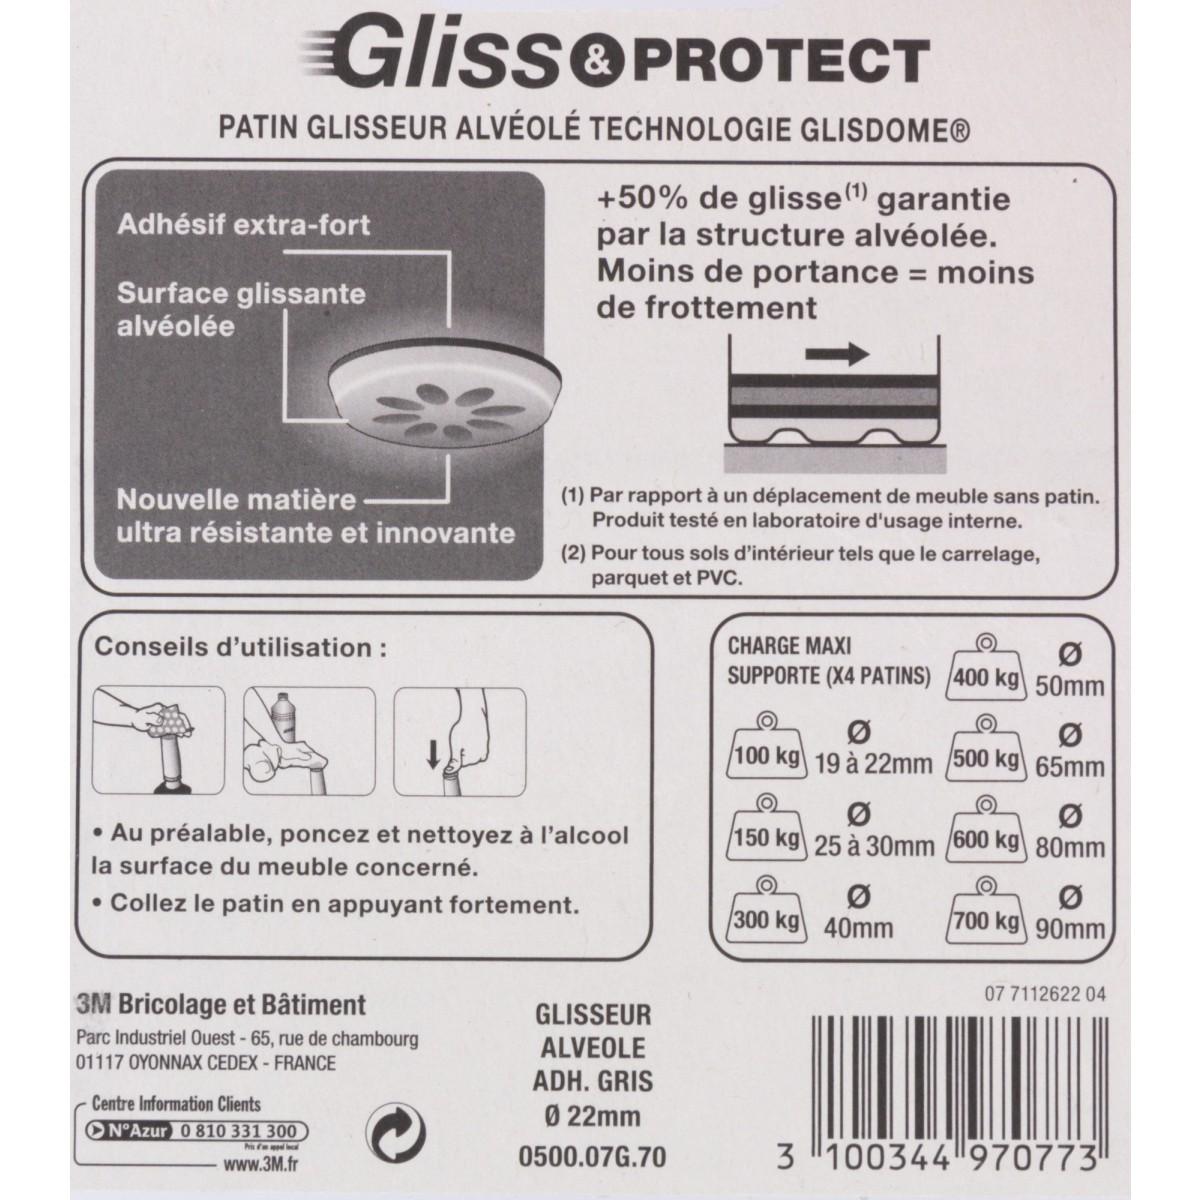 Patin glisseur plastique structure alvéolée 3M - Diamètre 22 mm - Vendu par 8